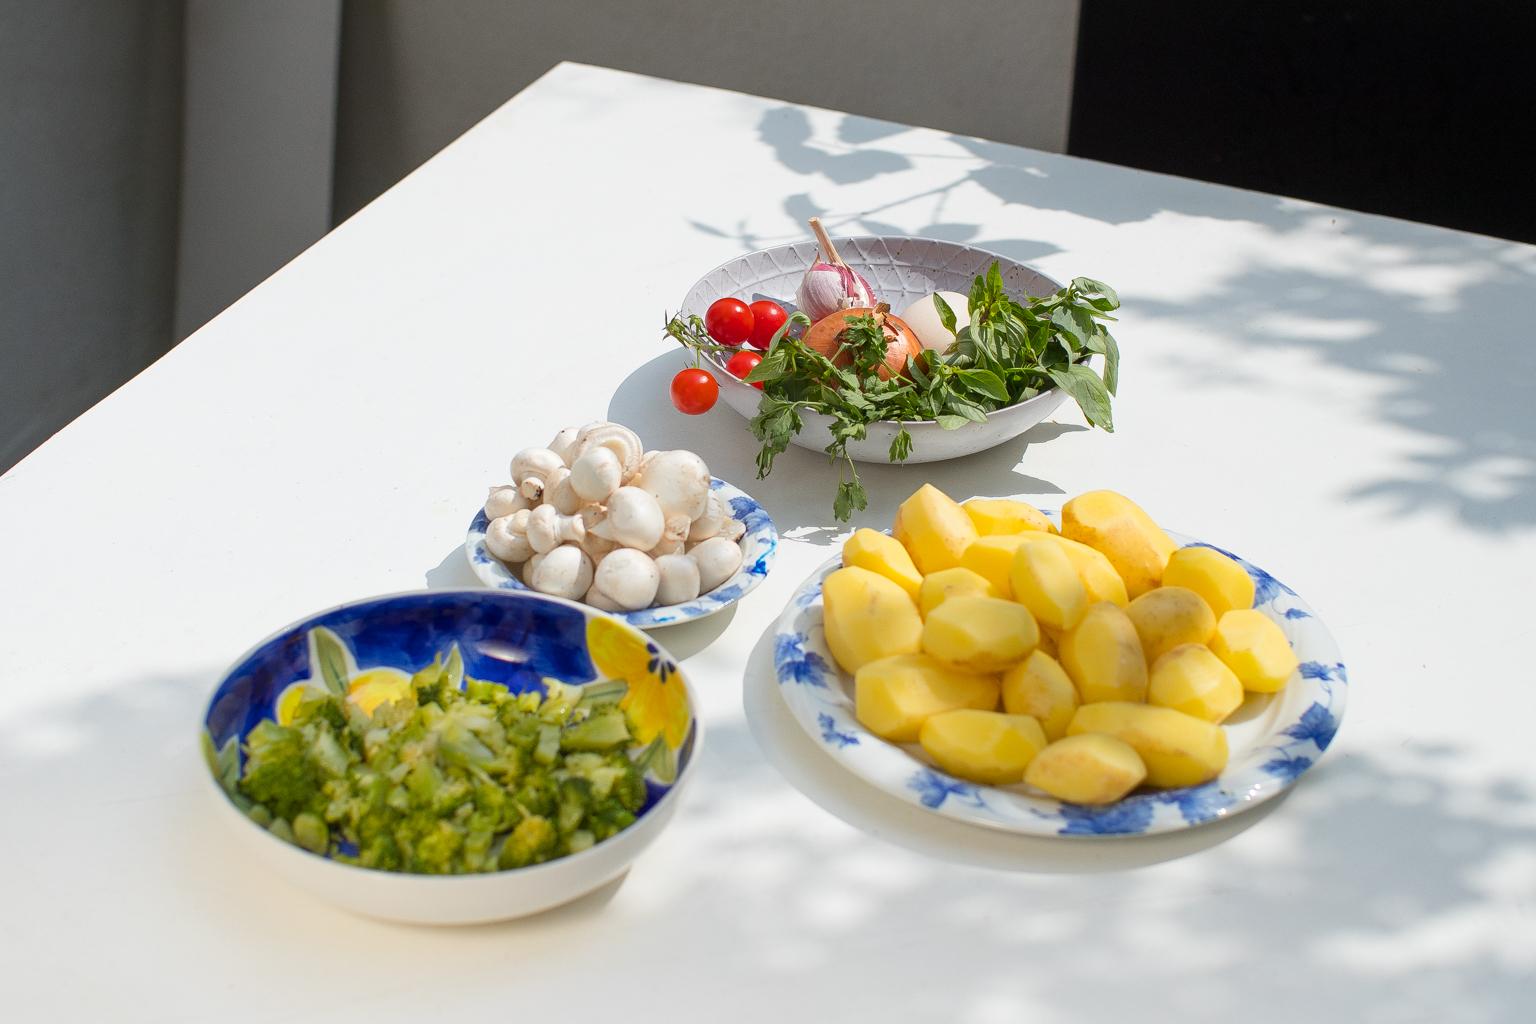 Fitness On Toast Potato Frittata Healthy Easy Breakfast Idea-7